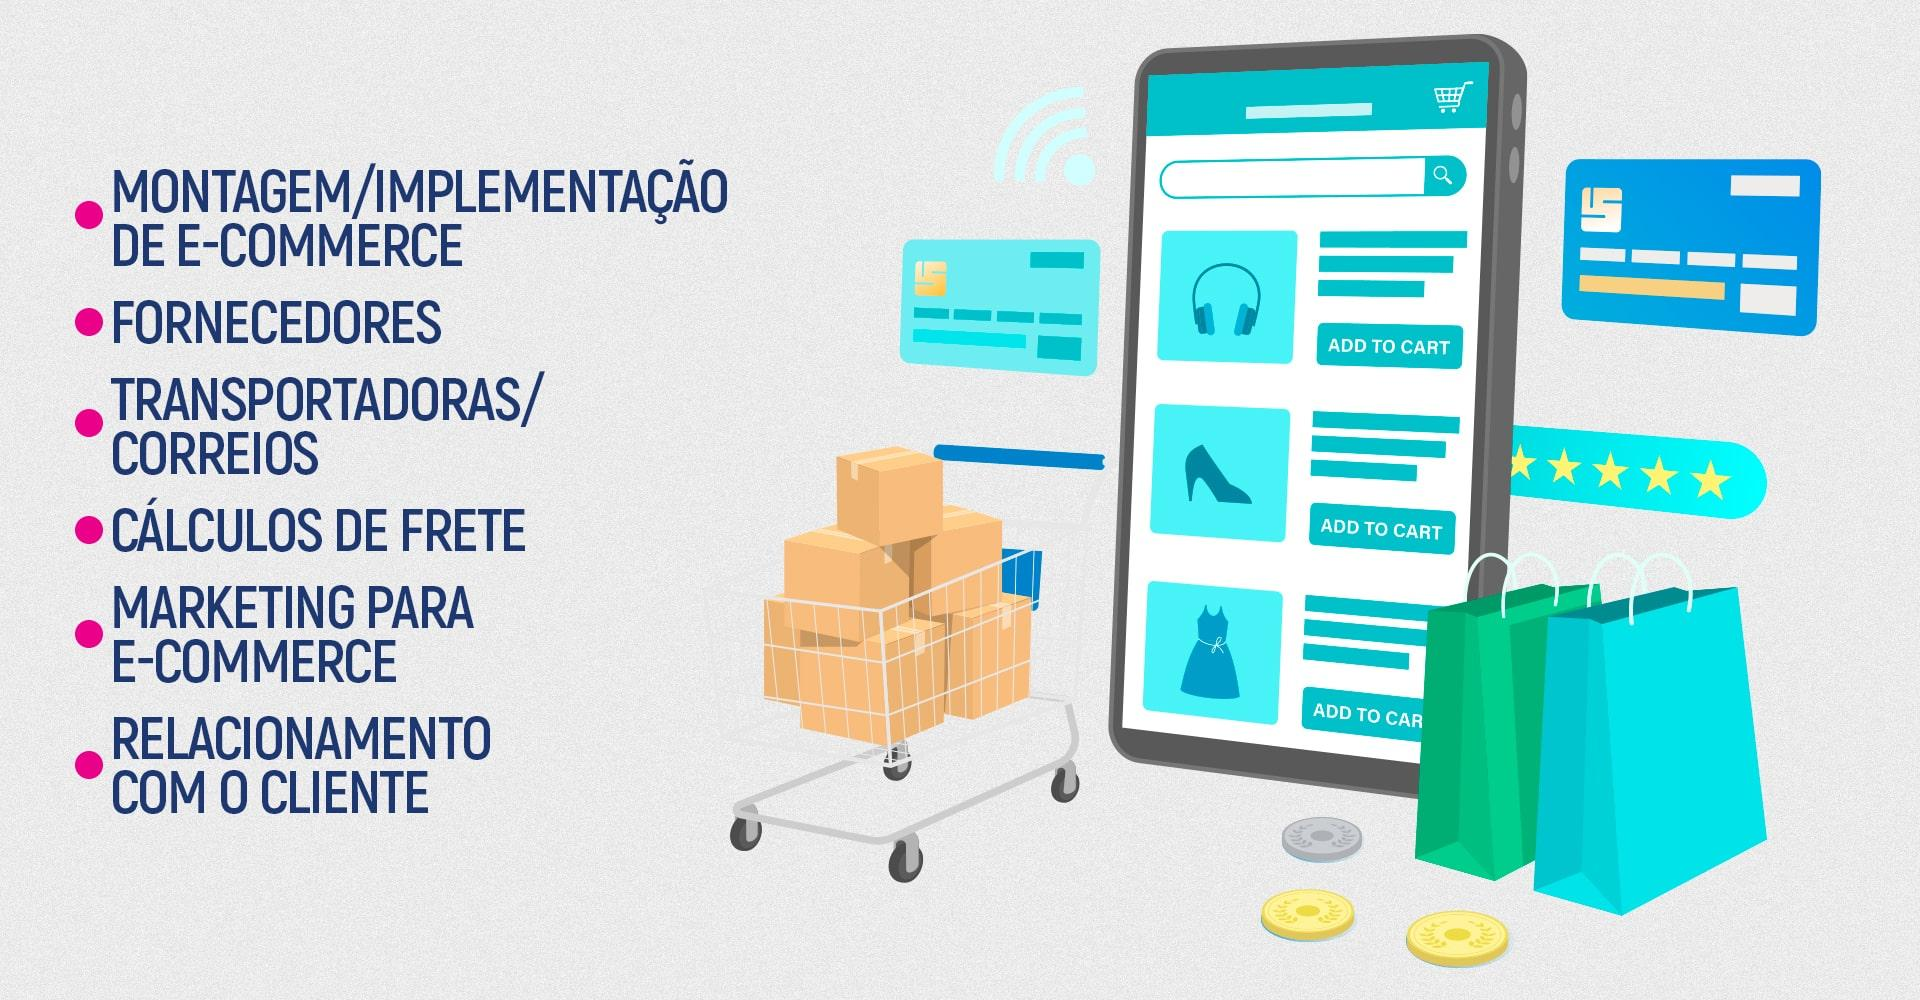 implementação de e-commerce bemark